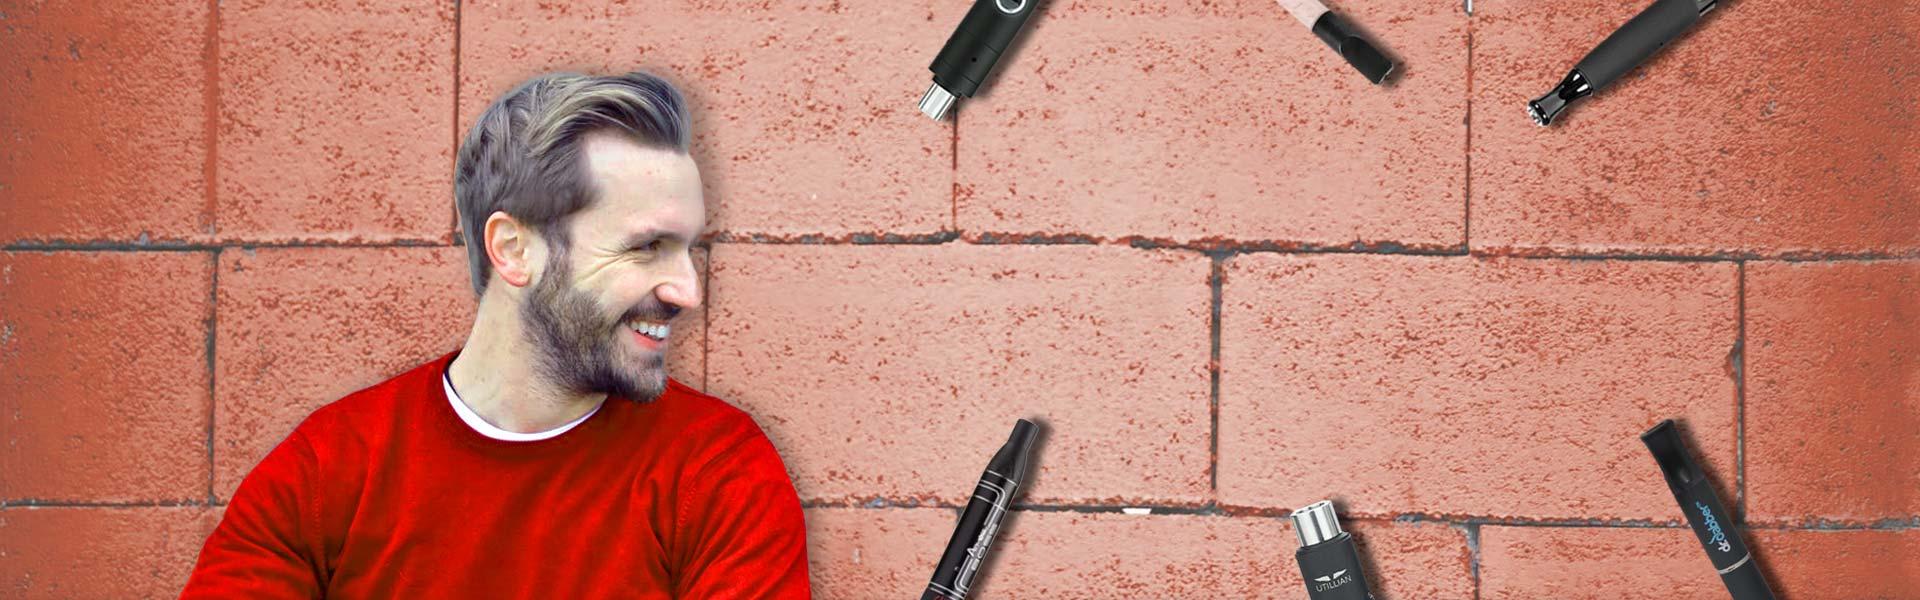 Wax Pen Buyer's Guide